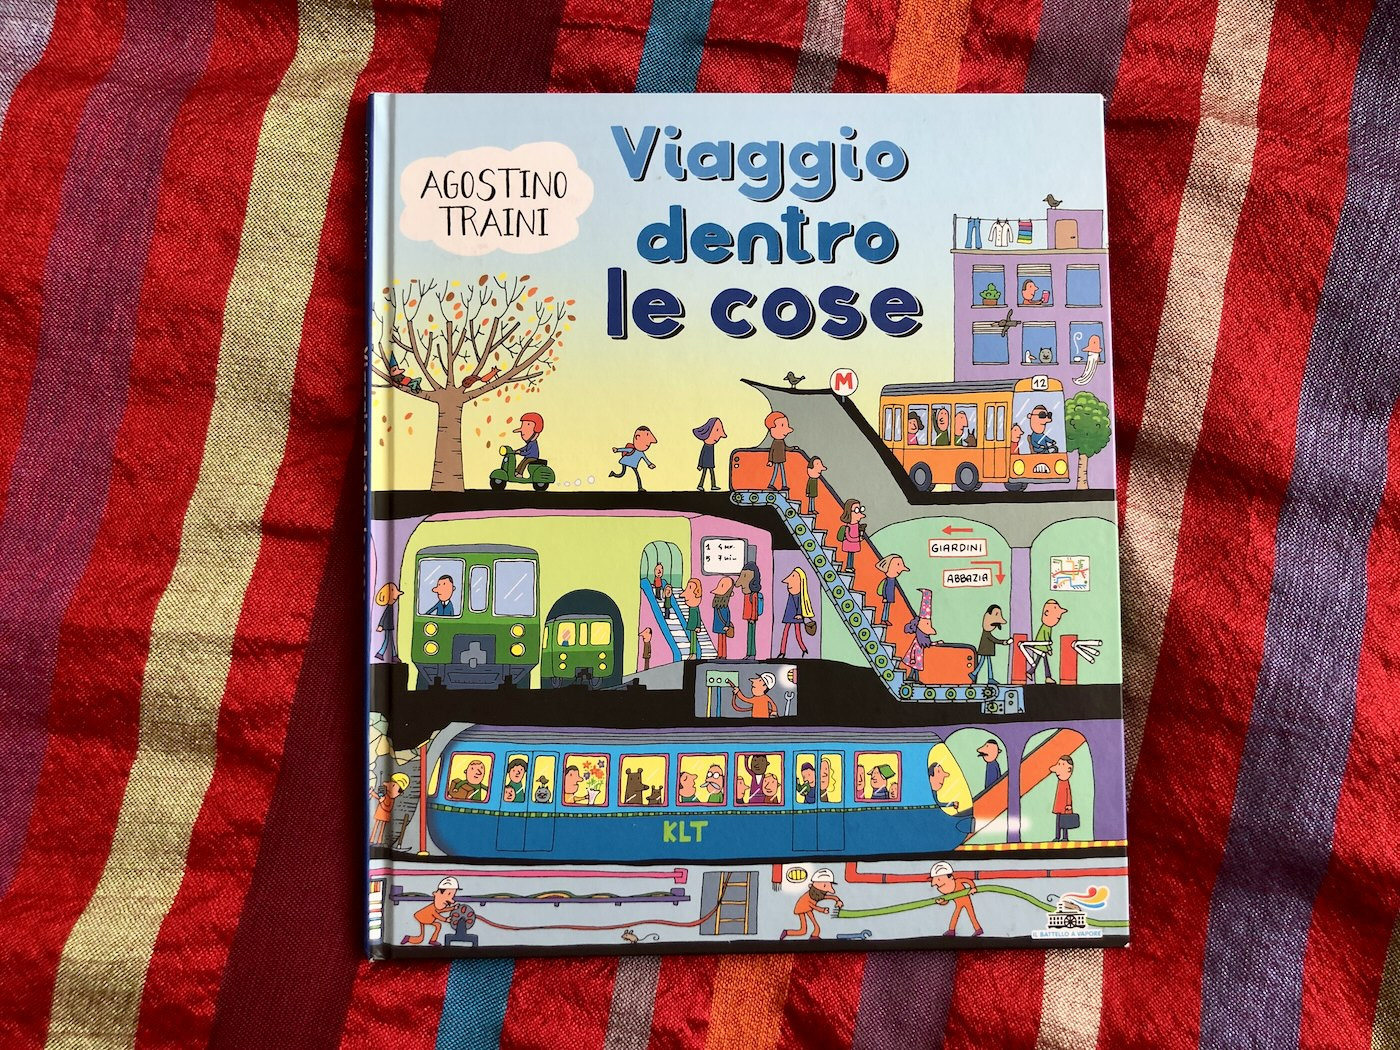 Copertina del libro per bambini viaggio dentro le cose